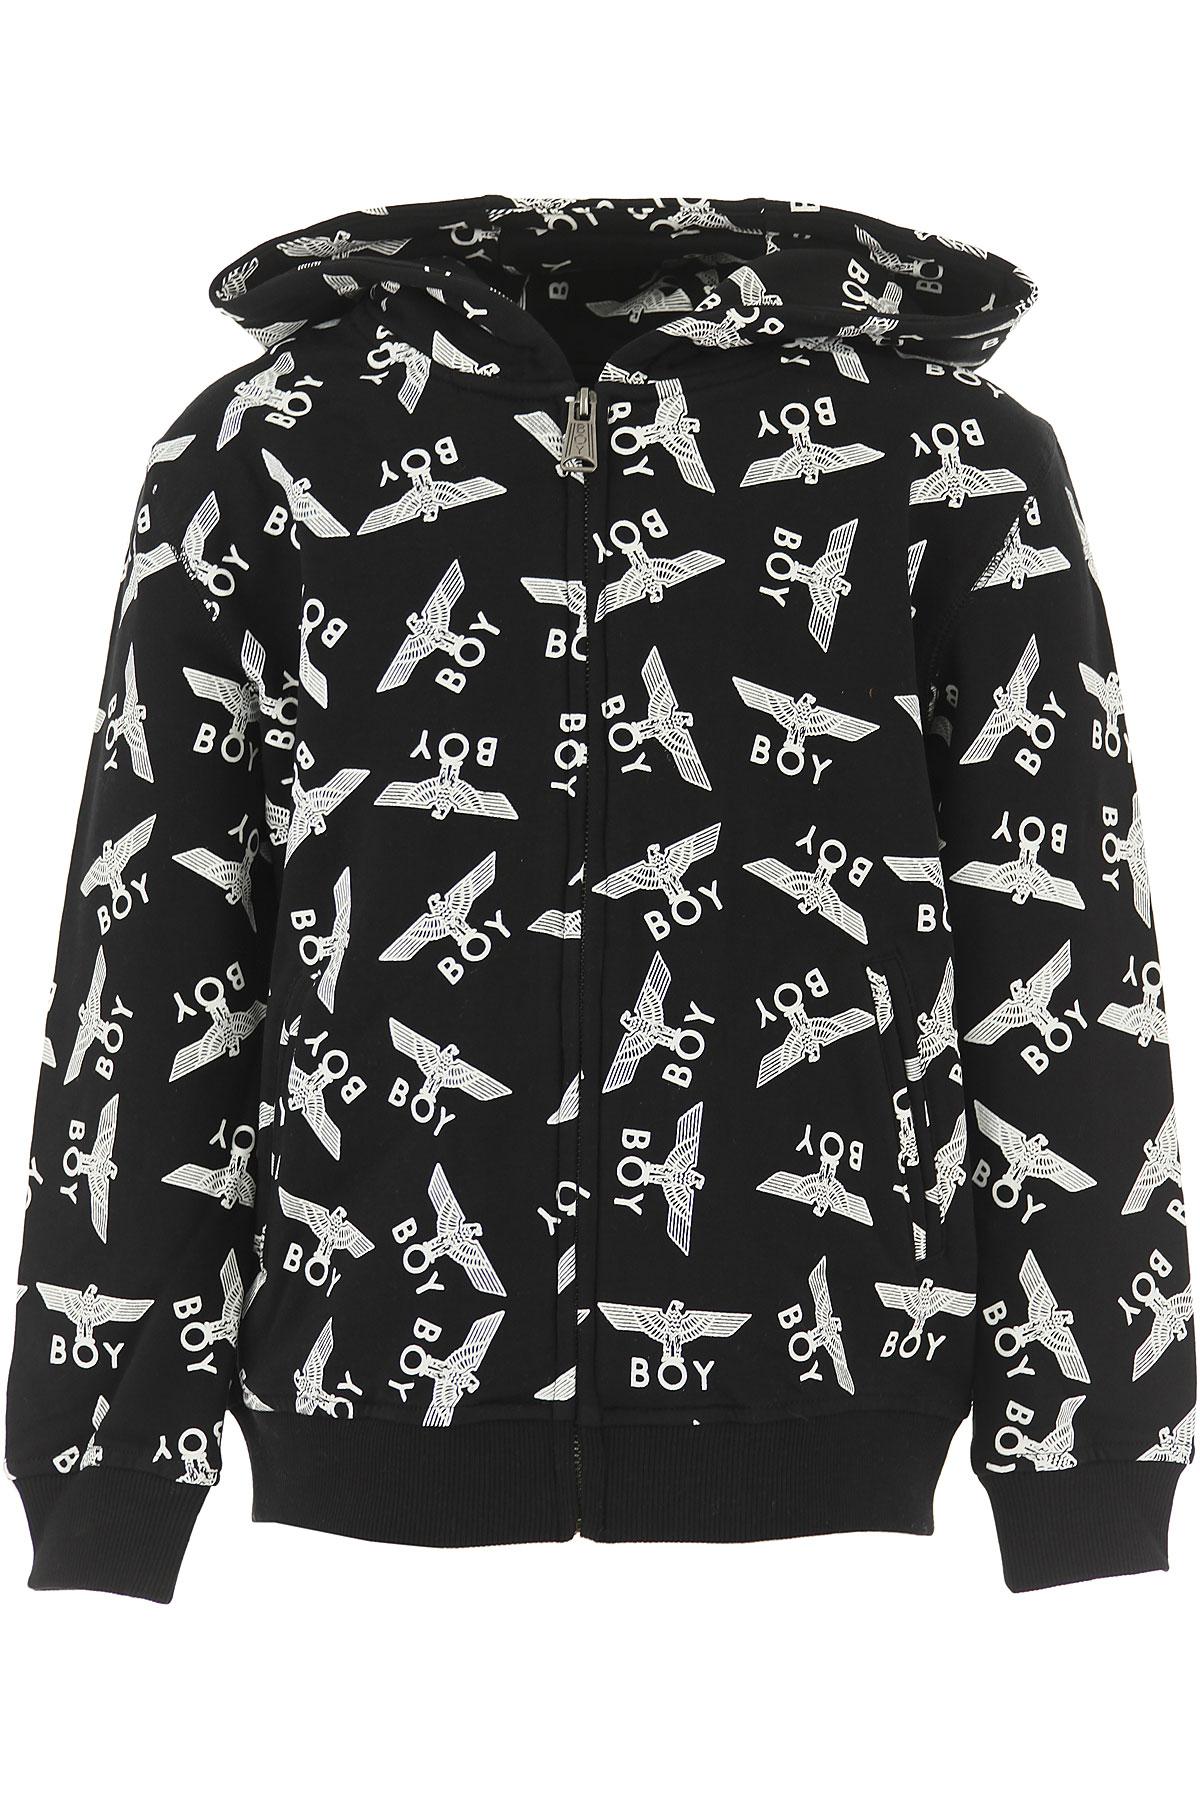 Image of Boy London Kids Sweatshirts & Hoodies for Boys, Black, Cotton, 2017, 10Y 14Y 16Y 4Y 6Y 8Y